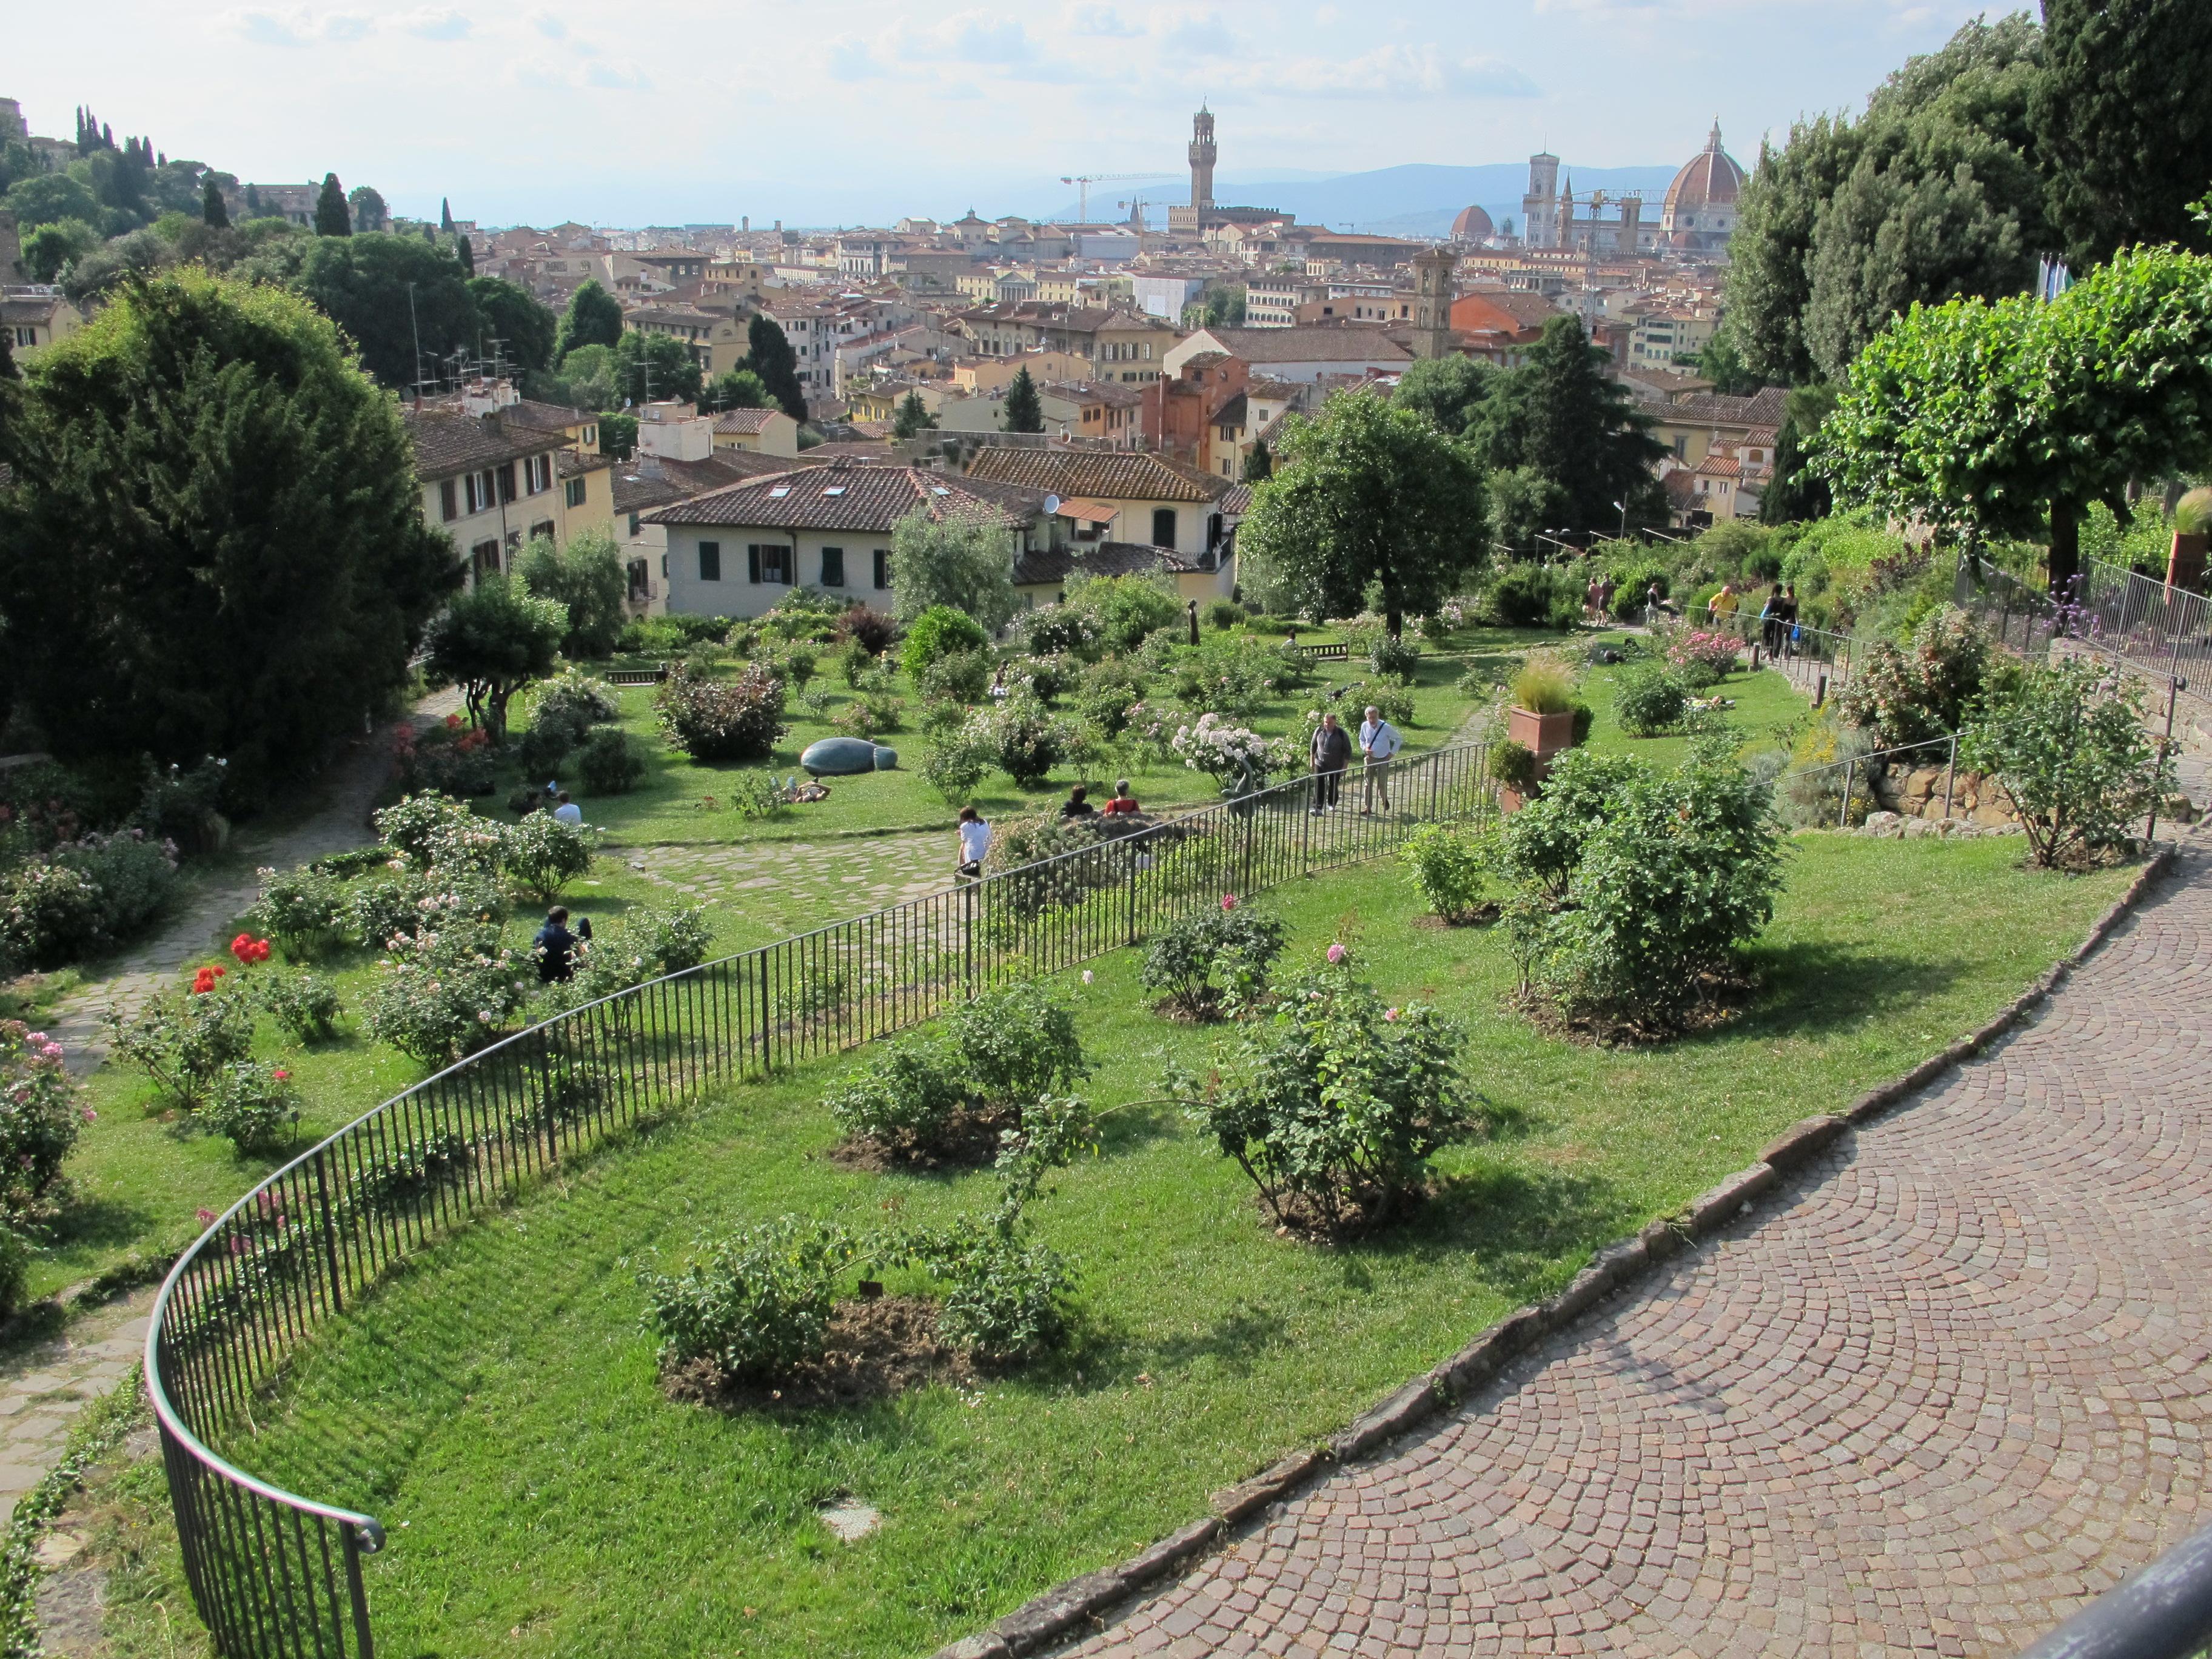 Fichier giardino delle rose firenze veduta jpg wikip dia - Giardino delle rose firenze ...